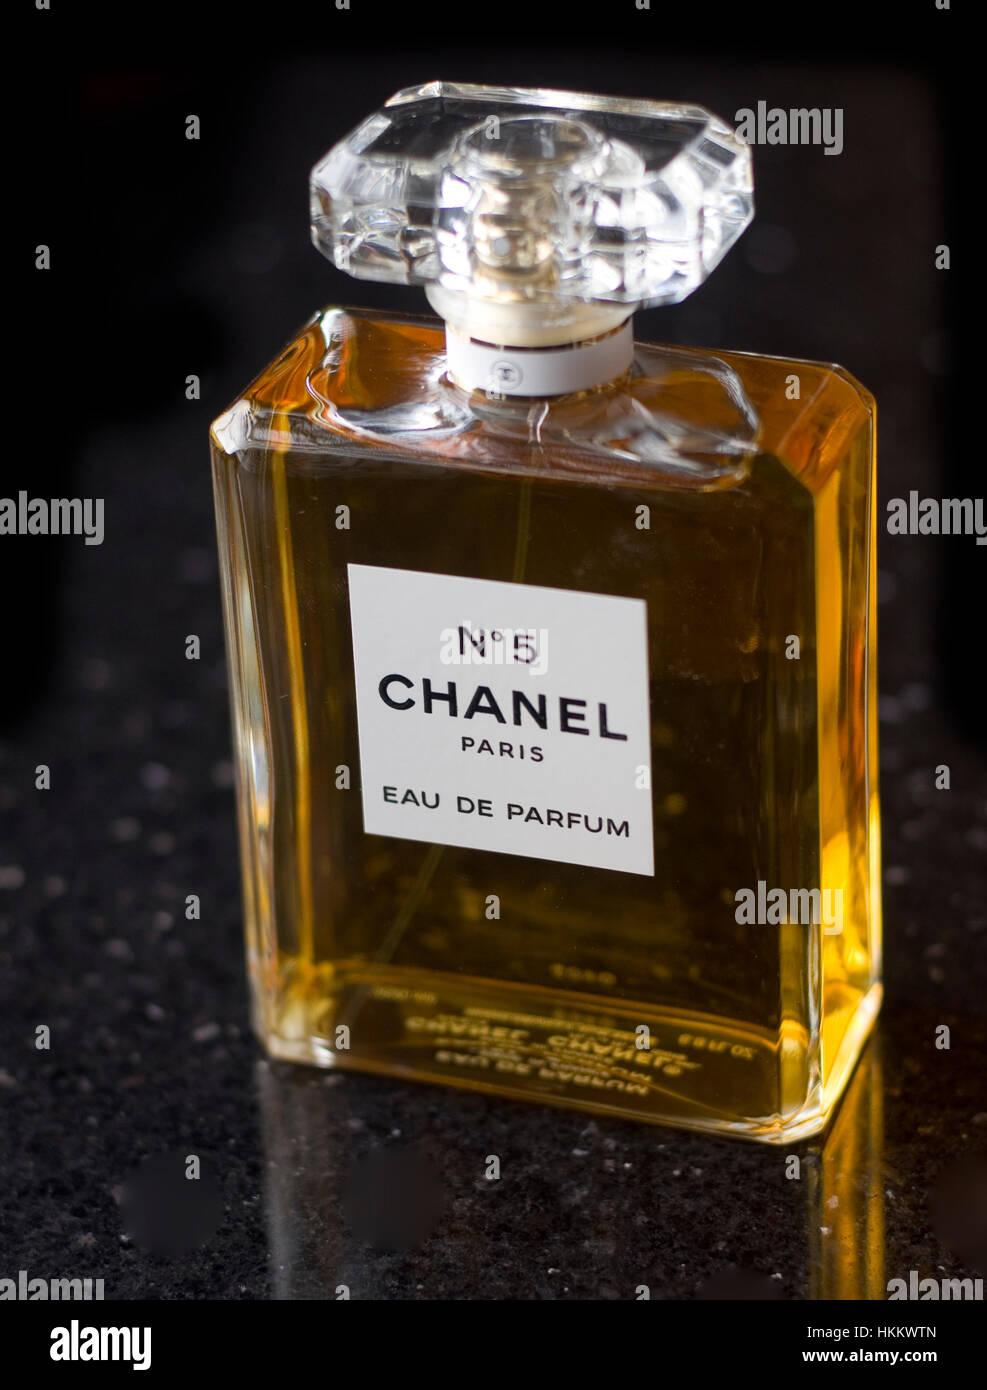 flacon de parfum chanel num ro 5 banque d 39 images photo stock 132588421 alamy. Black Bedroom Furniture Sets. Home Design Ideas